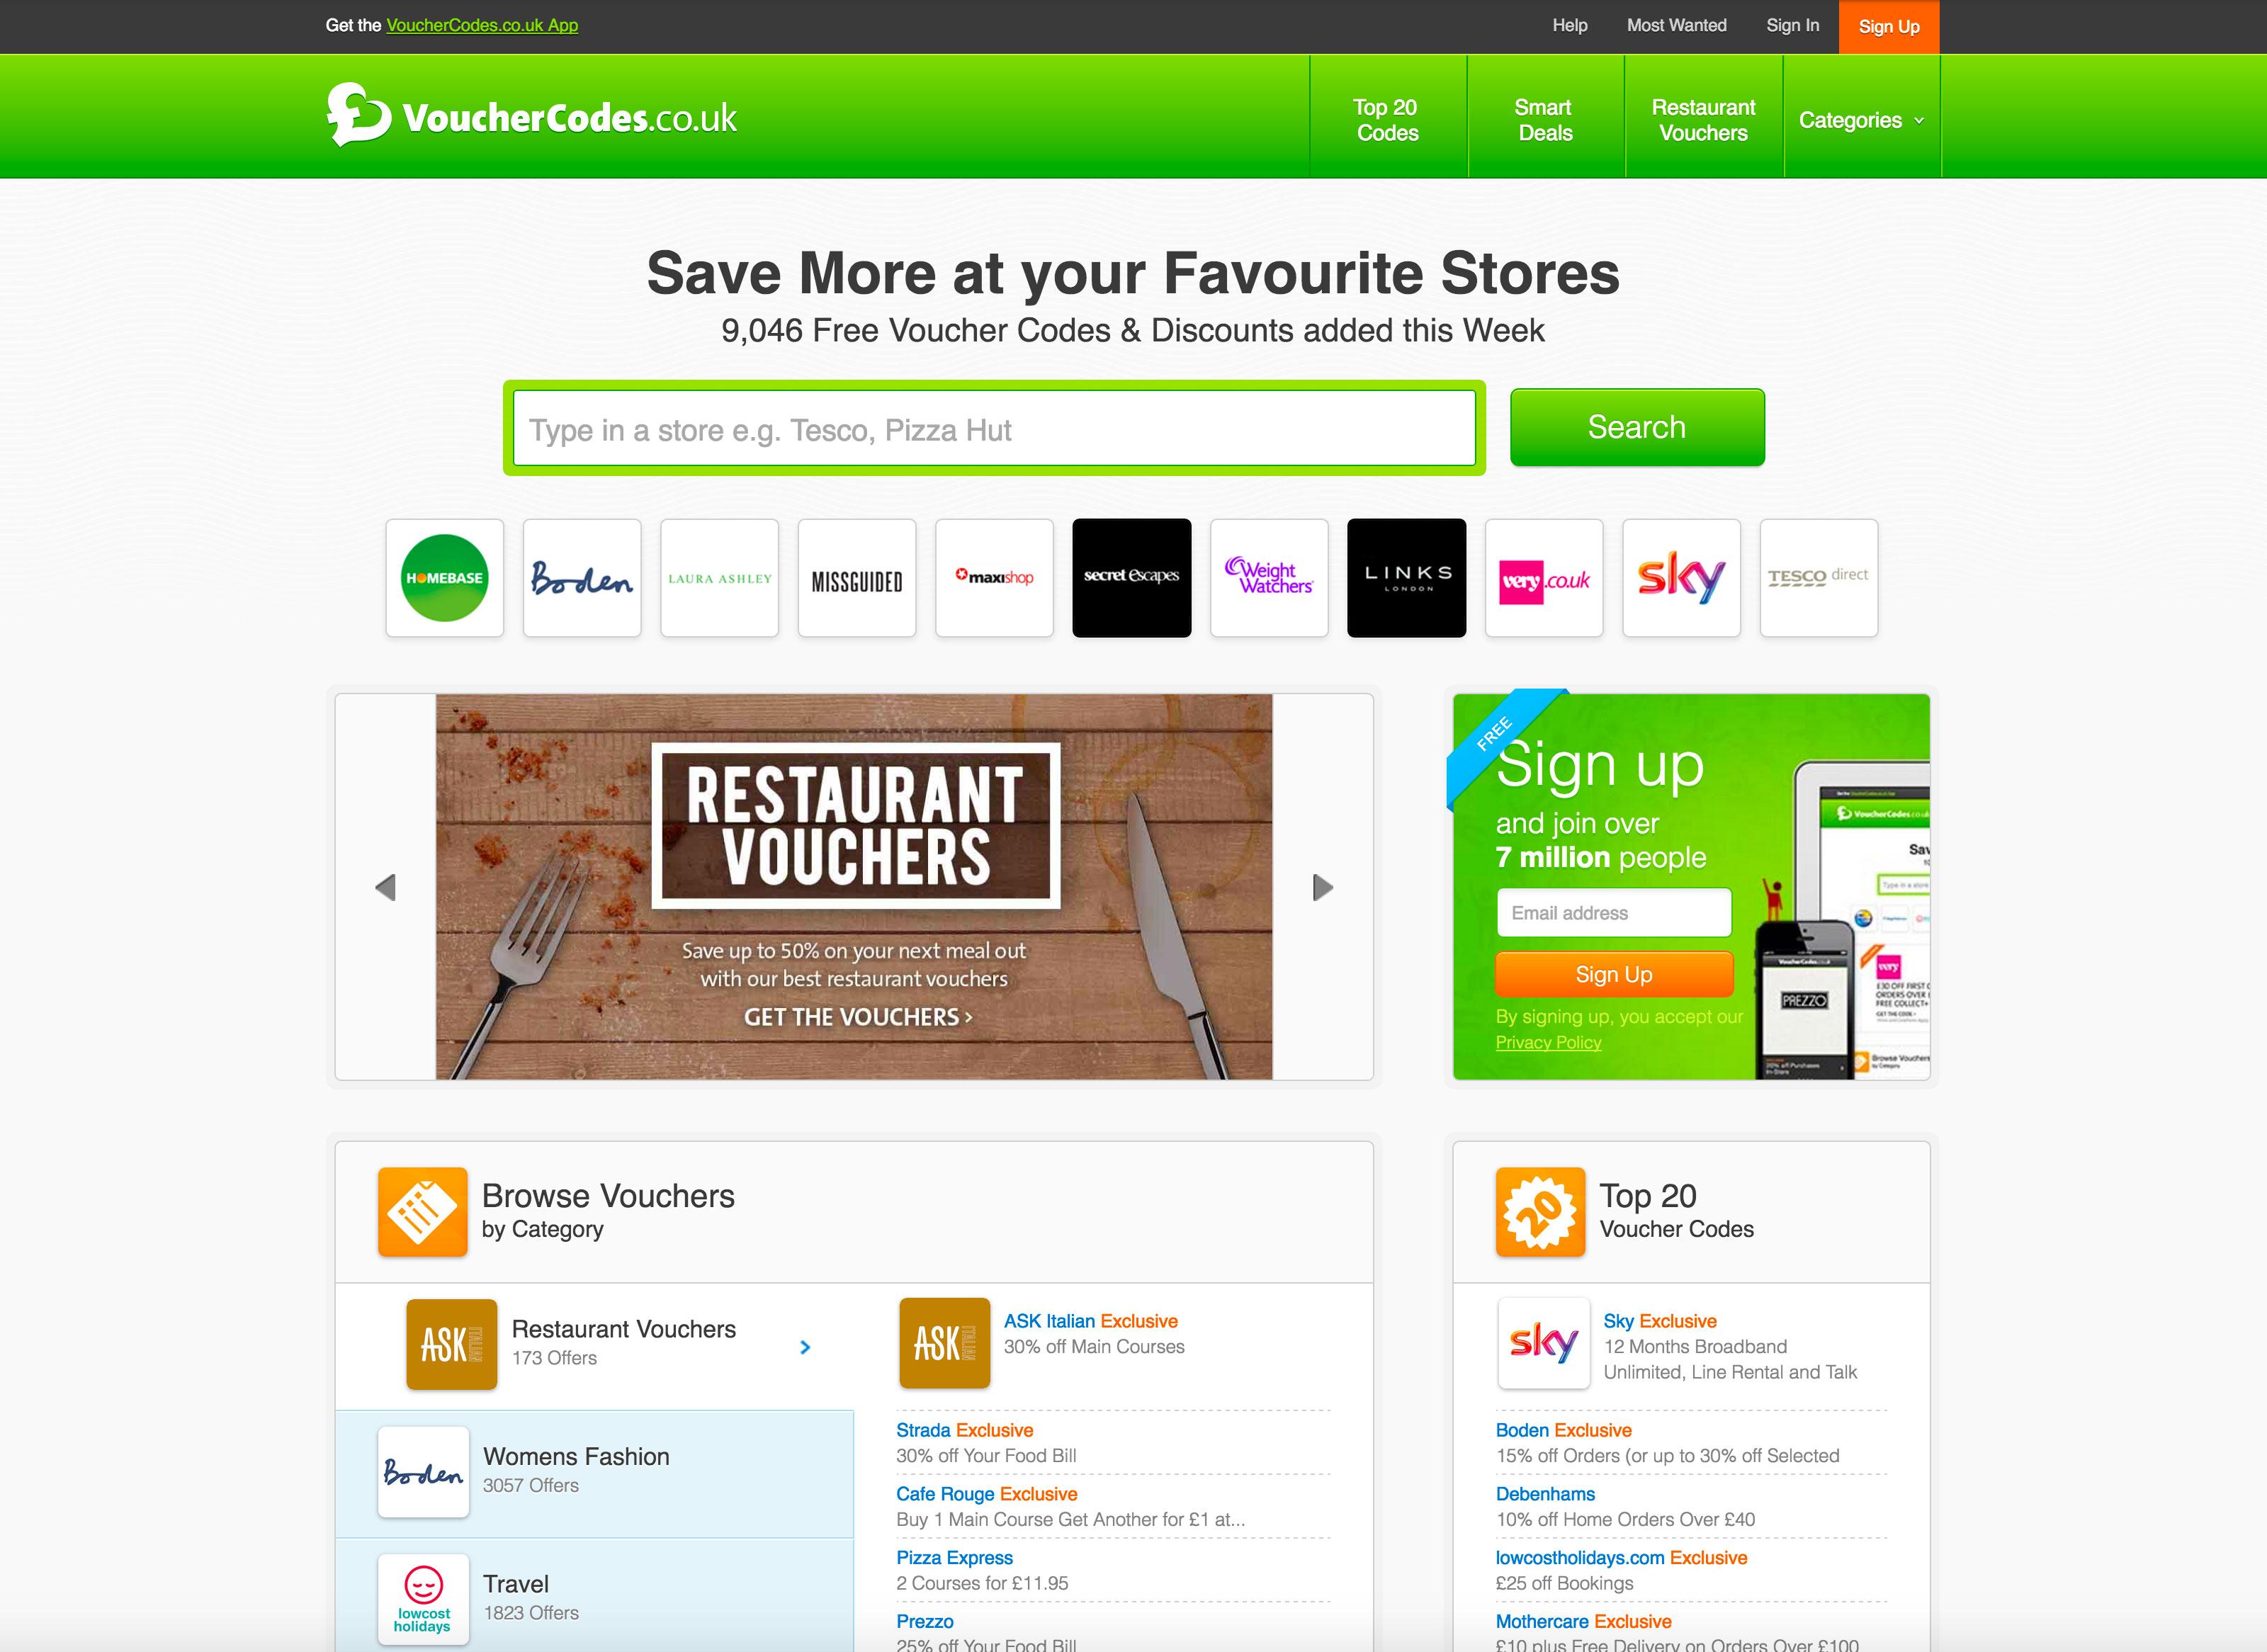 Screenshot of Vouchercodes.co.uk homepage